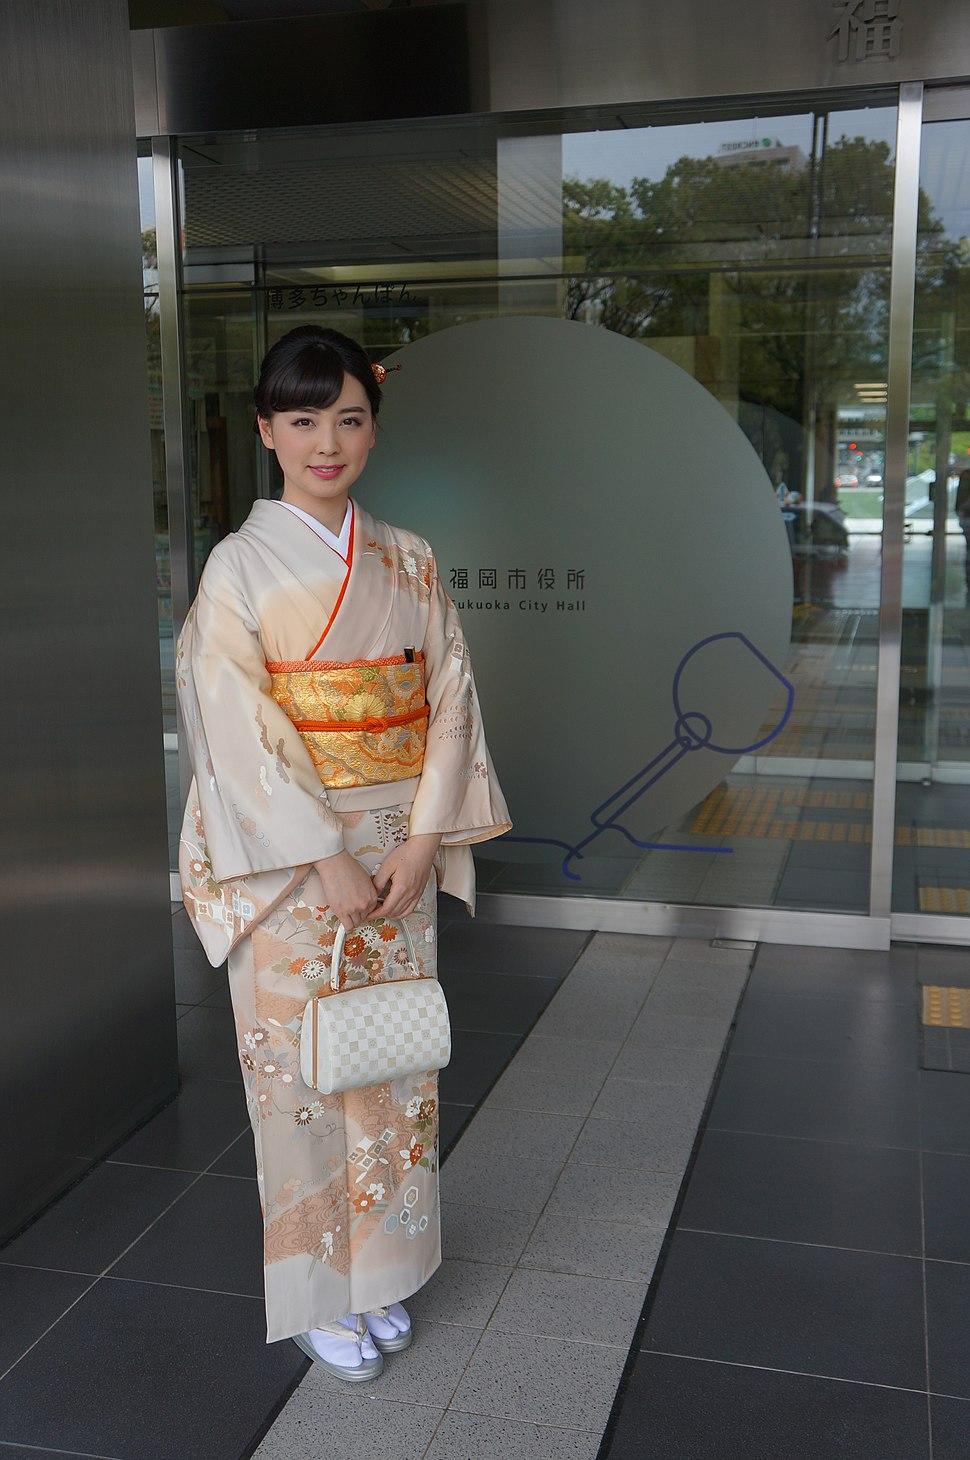 Stylish person at Fukuoka City Hall